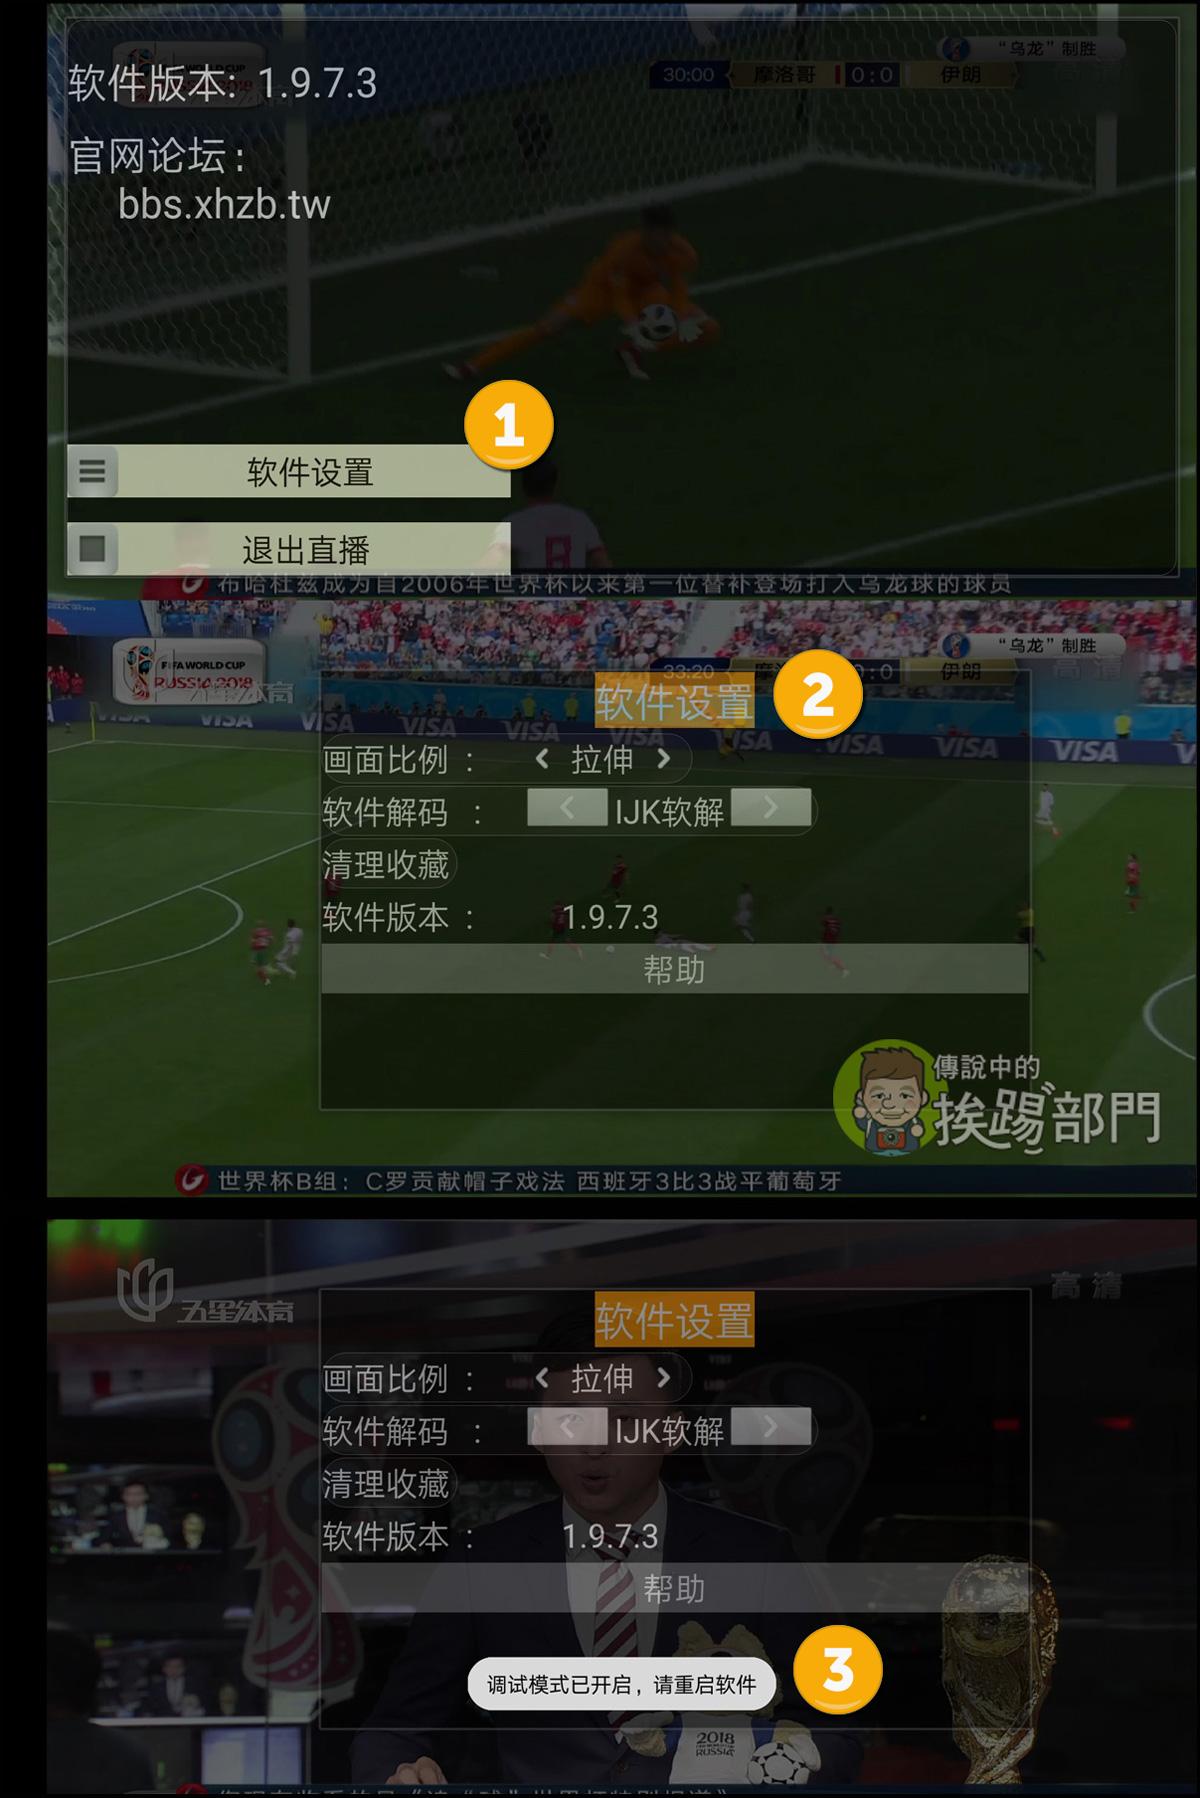 星火new直播 1.9.7.3